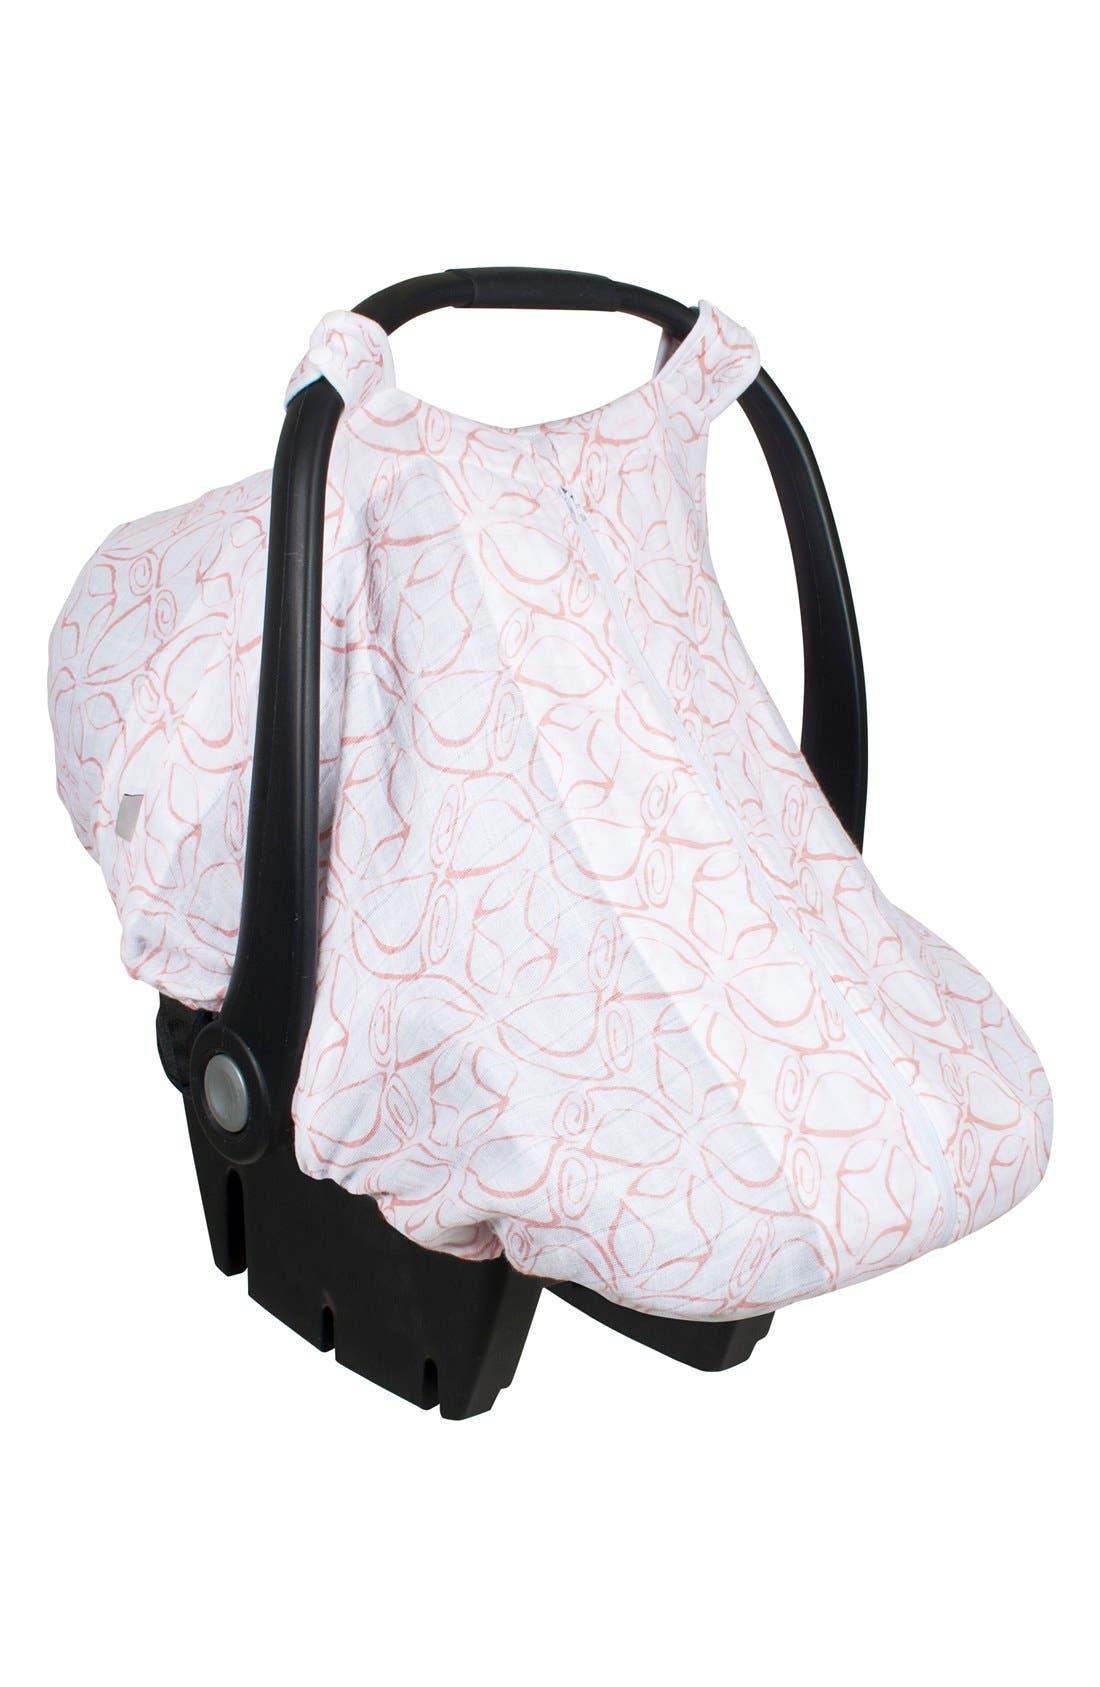 Bébé au Lait Muslin Car Seat Cover